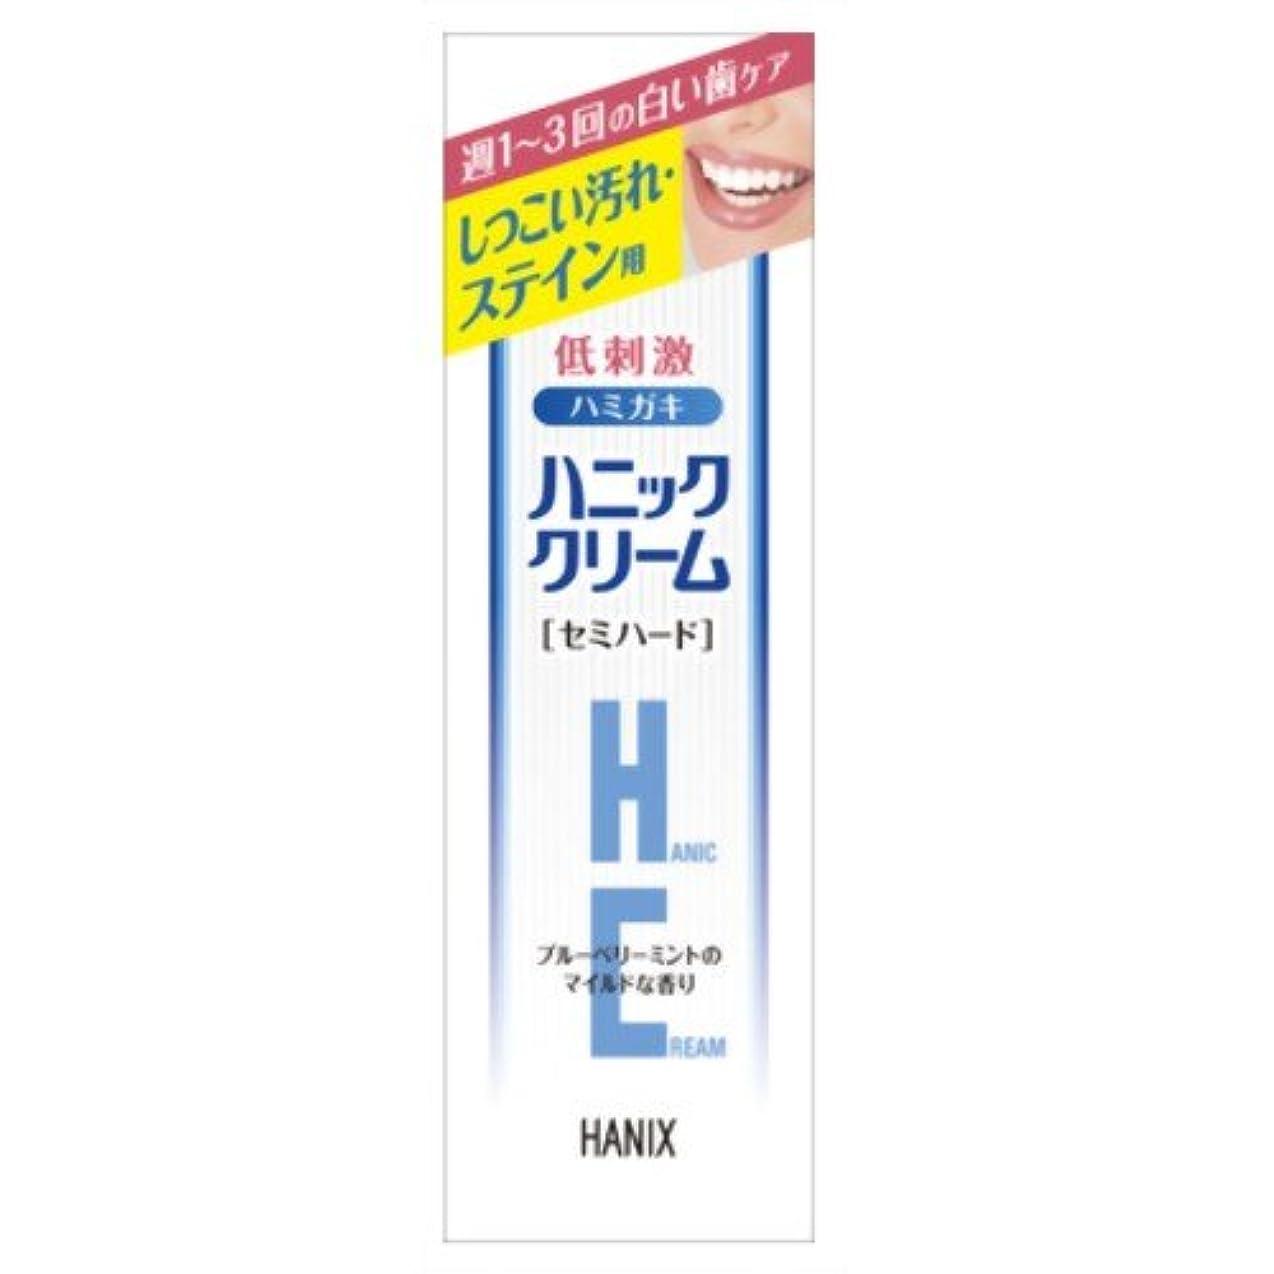 シャッフルかび臭い薬ハニッククリーム セミハード 45g